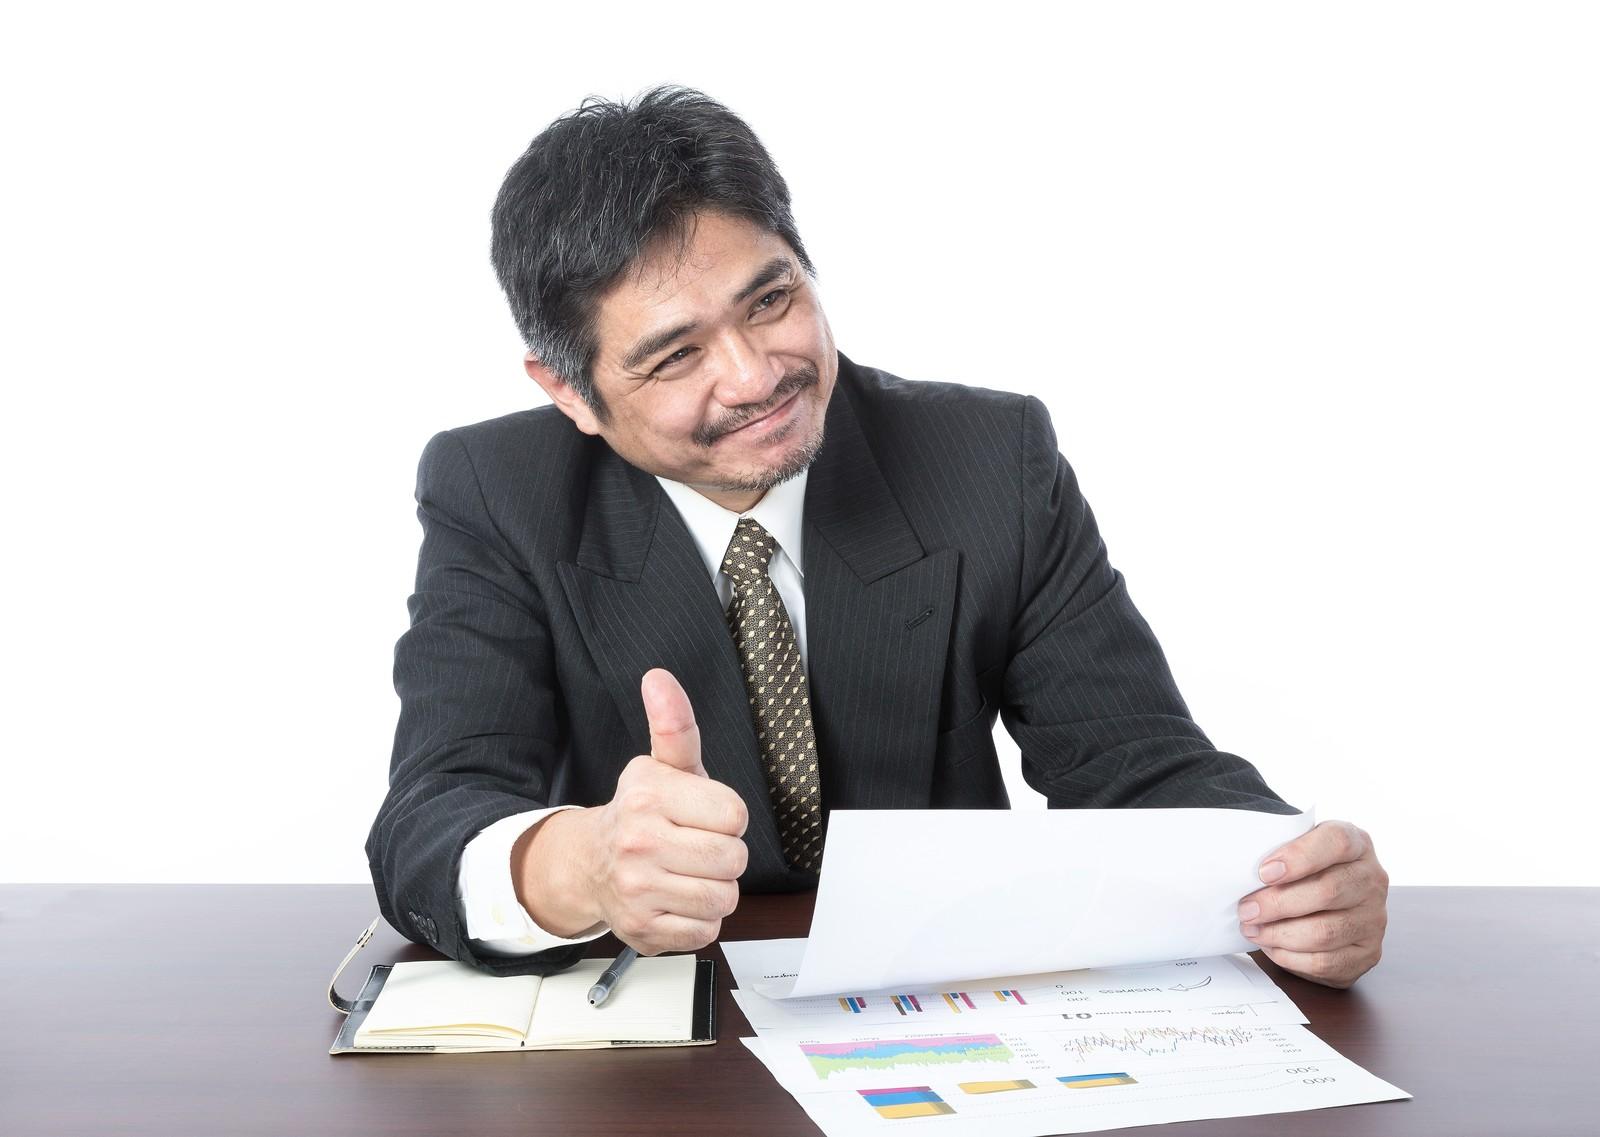 転職の逆質問で大逆転する方法を公開!逆質問事例集付き